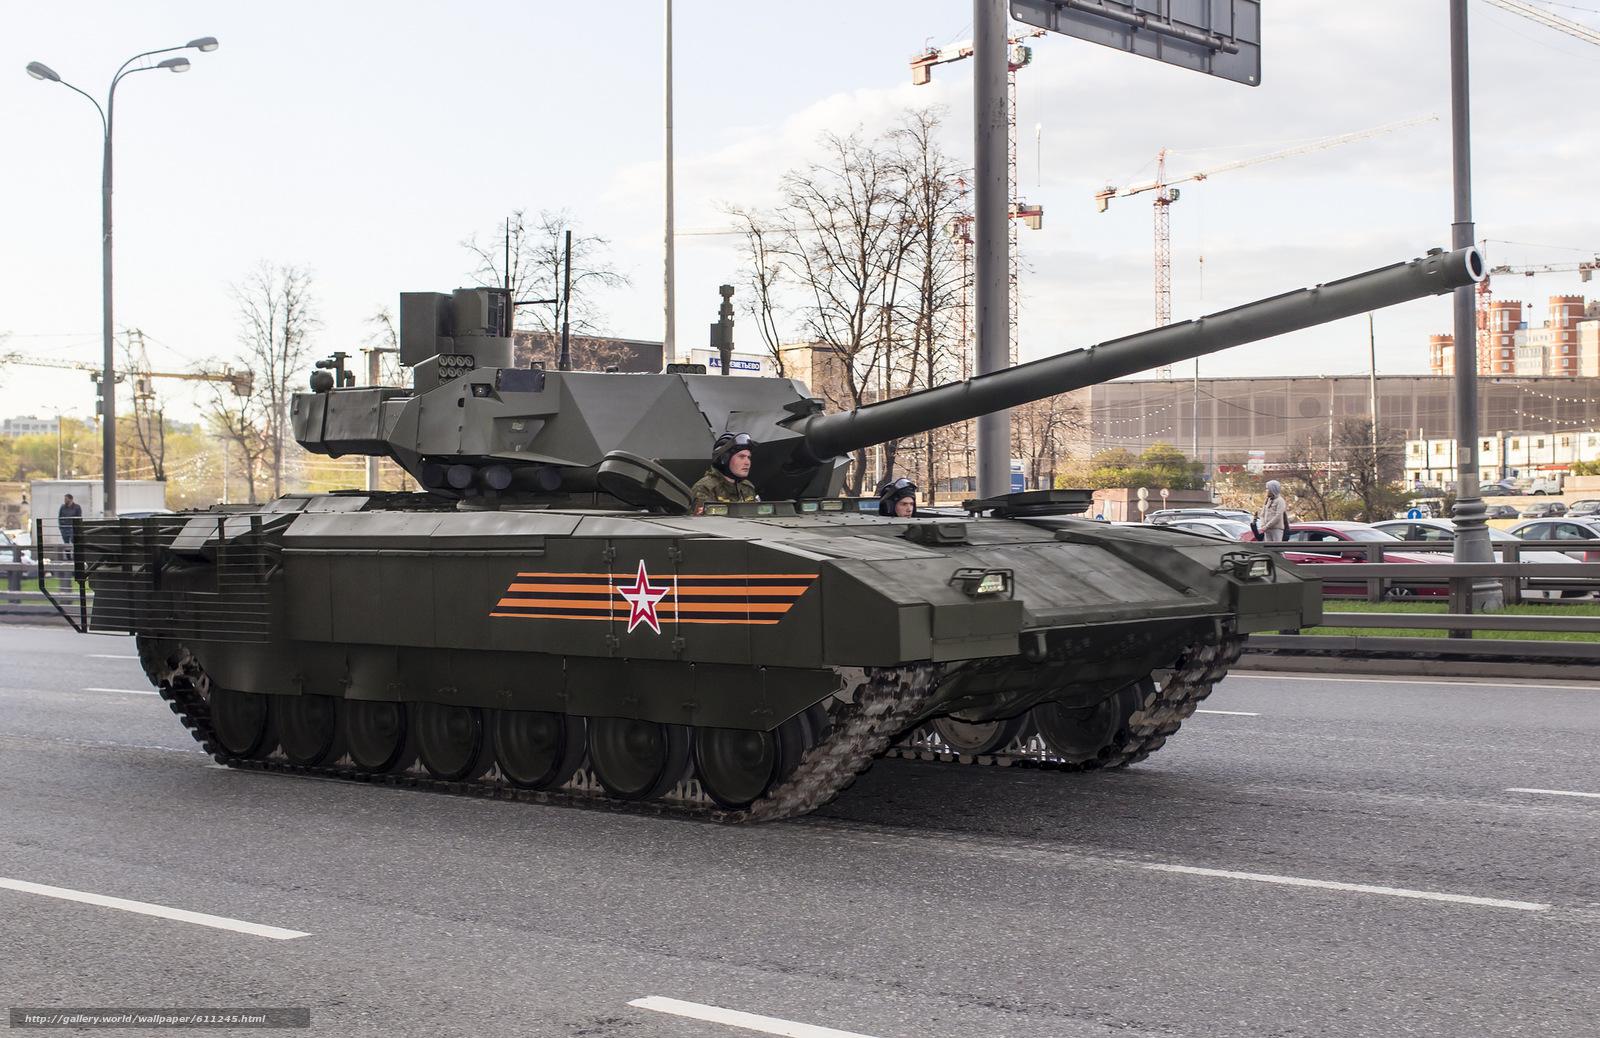 Скачать на телефон обои фото картинку на тему танк, армата, т-14, бронетехника, оружие, армия, разширение 2048x1329